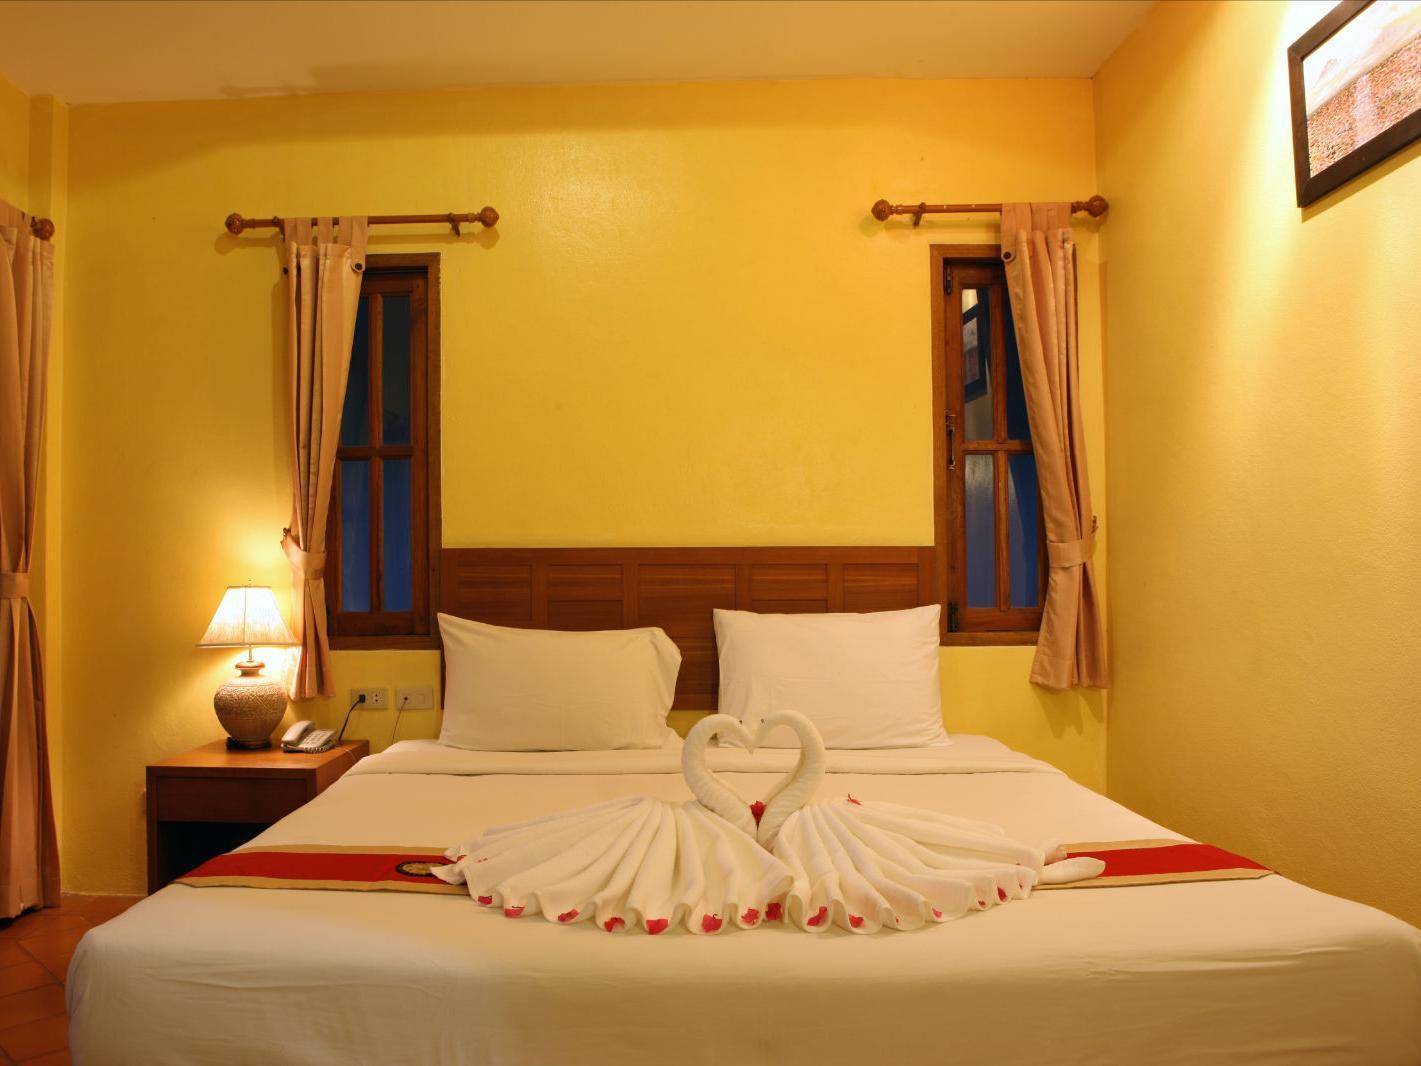 Bangtao Village Resort บางเทา วิลเลจ รีสอร์ท